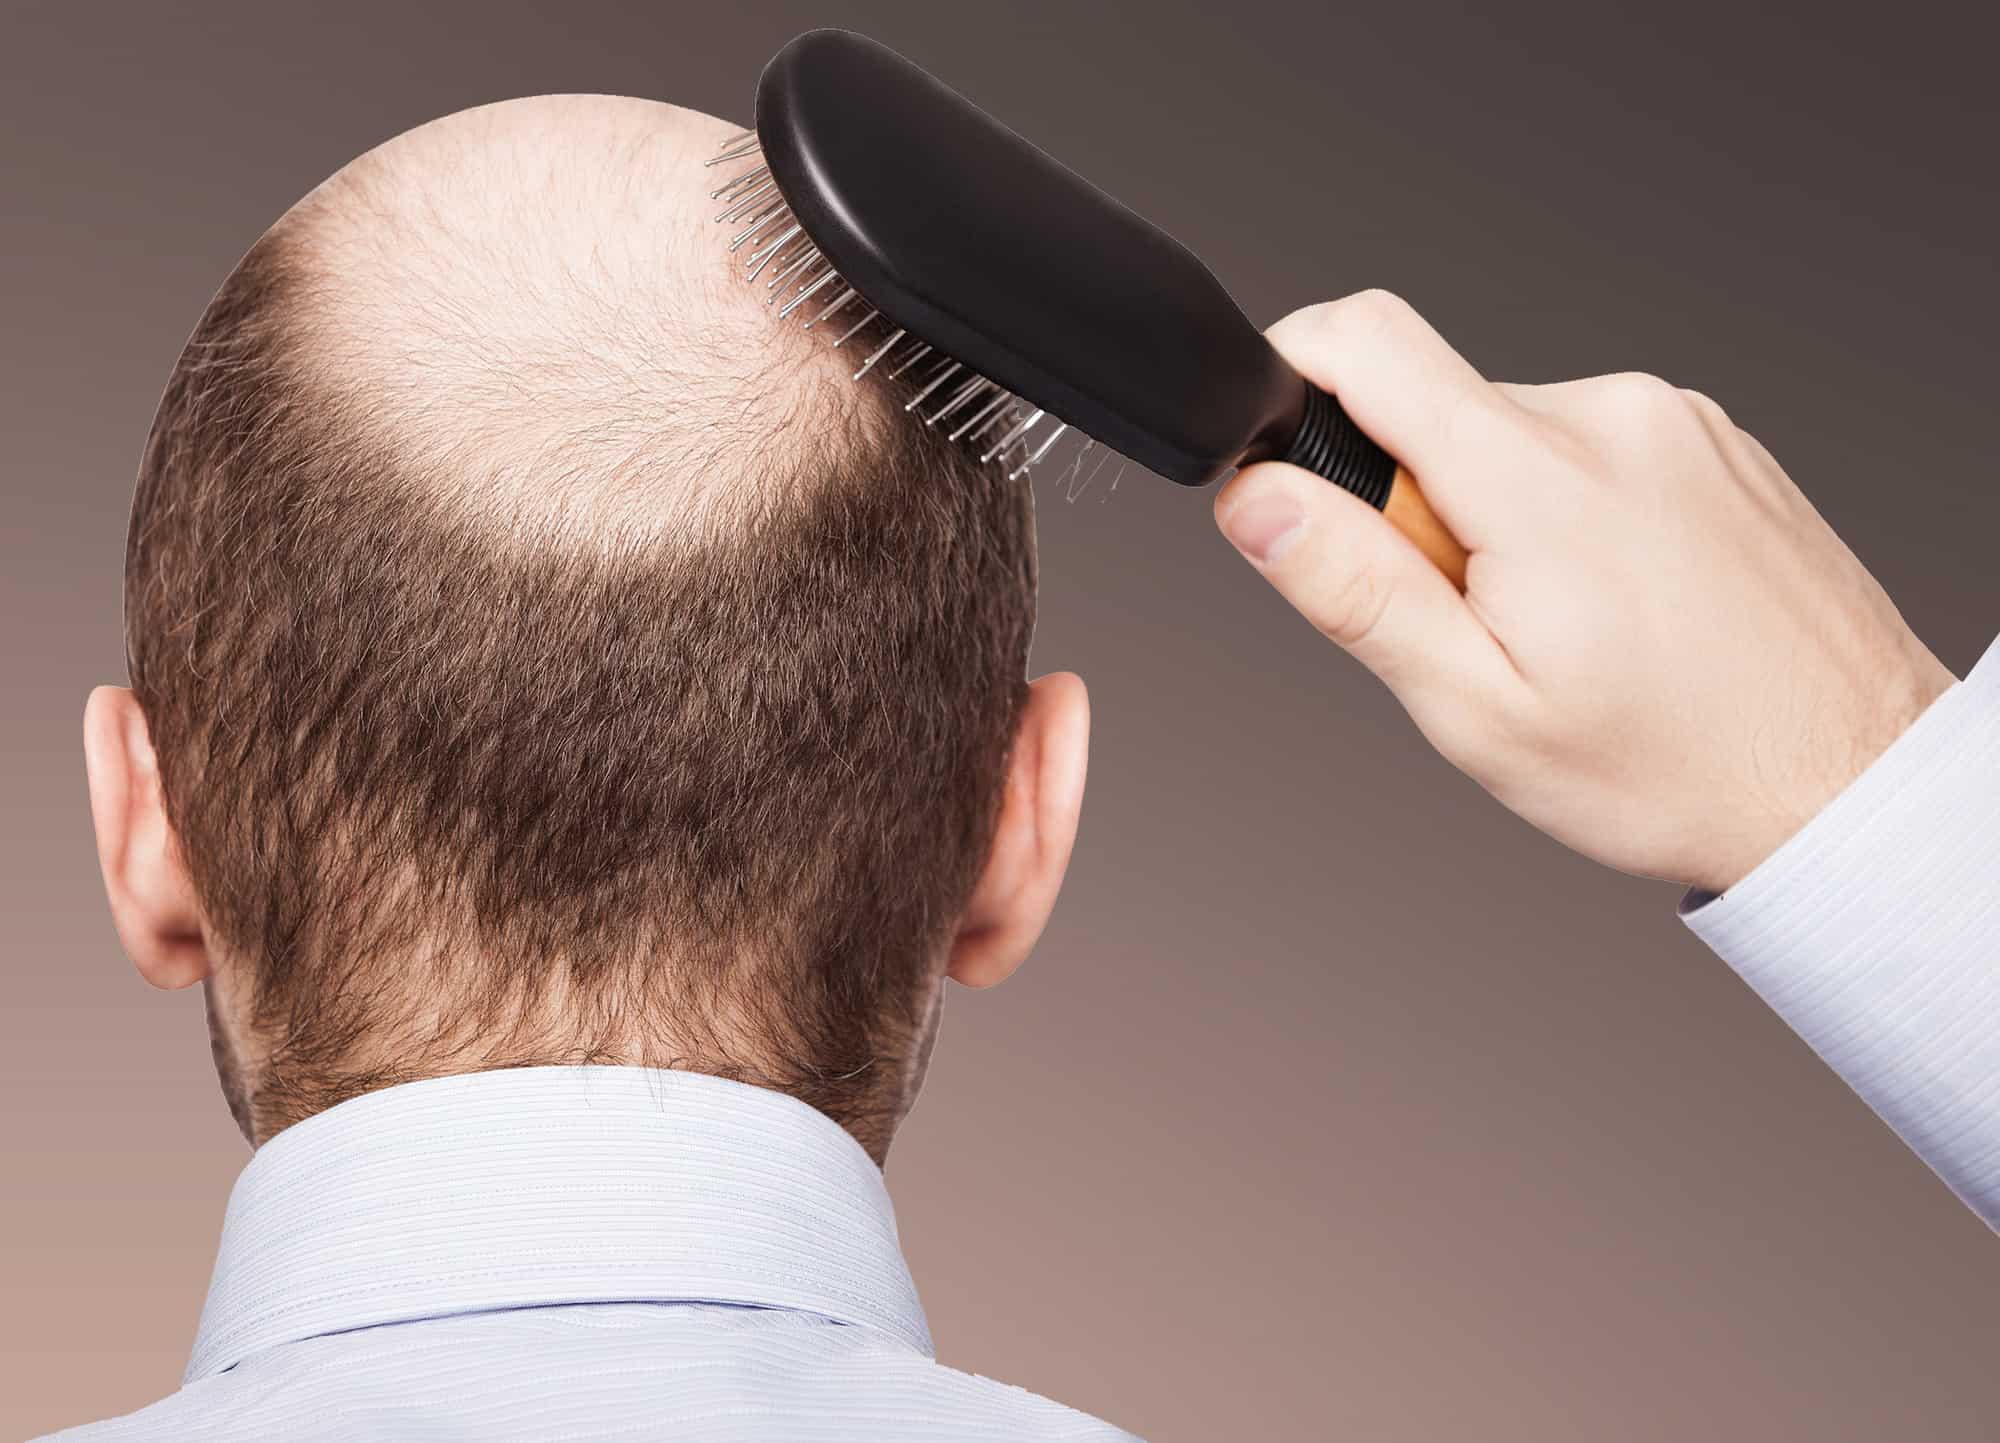 ما مدى نجاح زراعة الشعر؟ - Zty Health Istanbul